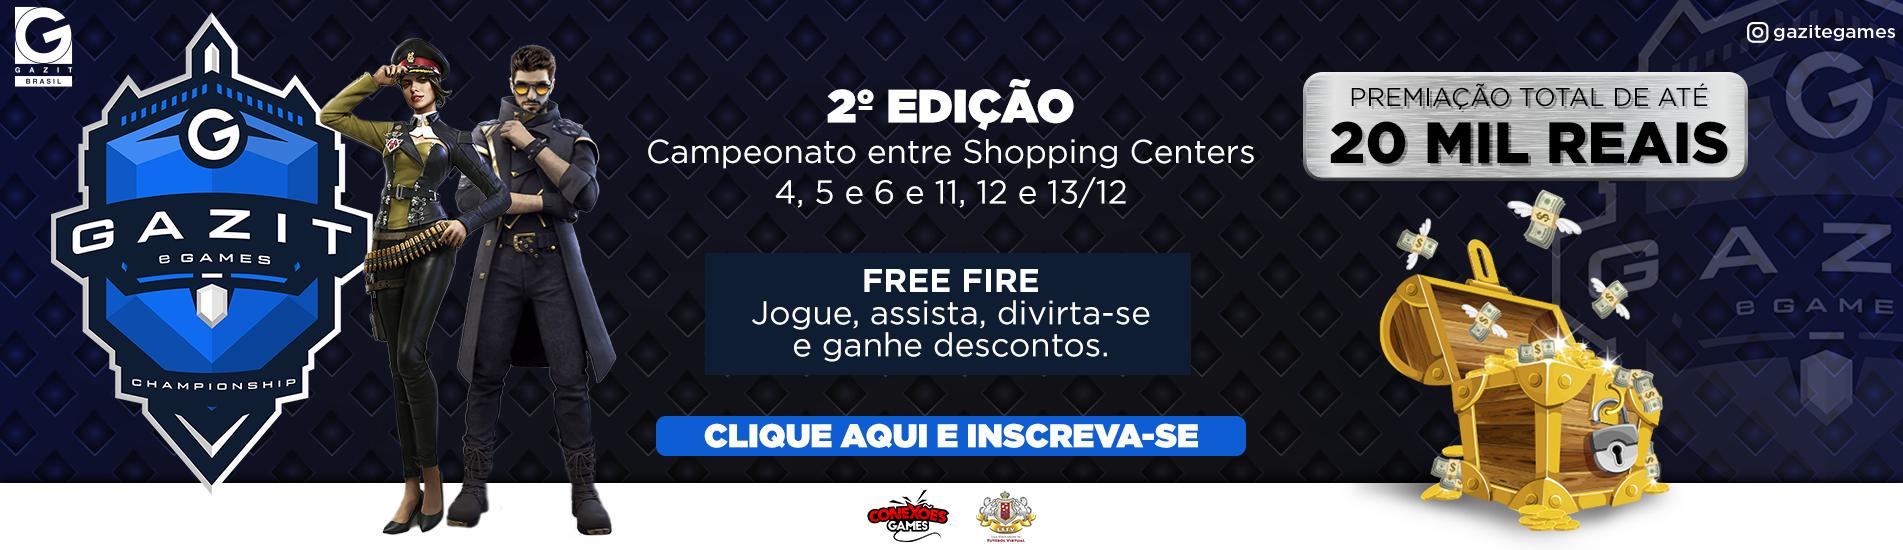 Campeonato Gazit E-Game   2ª Edição